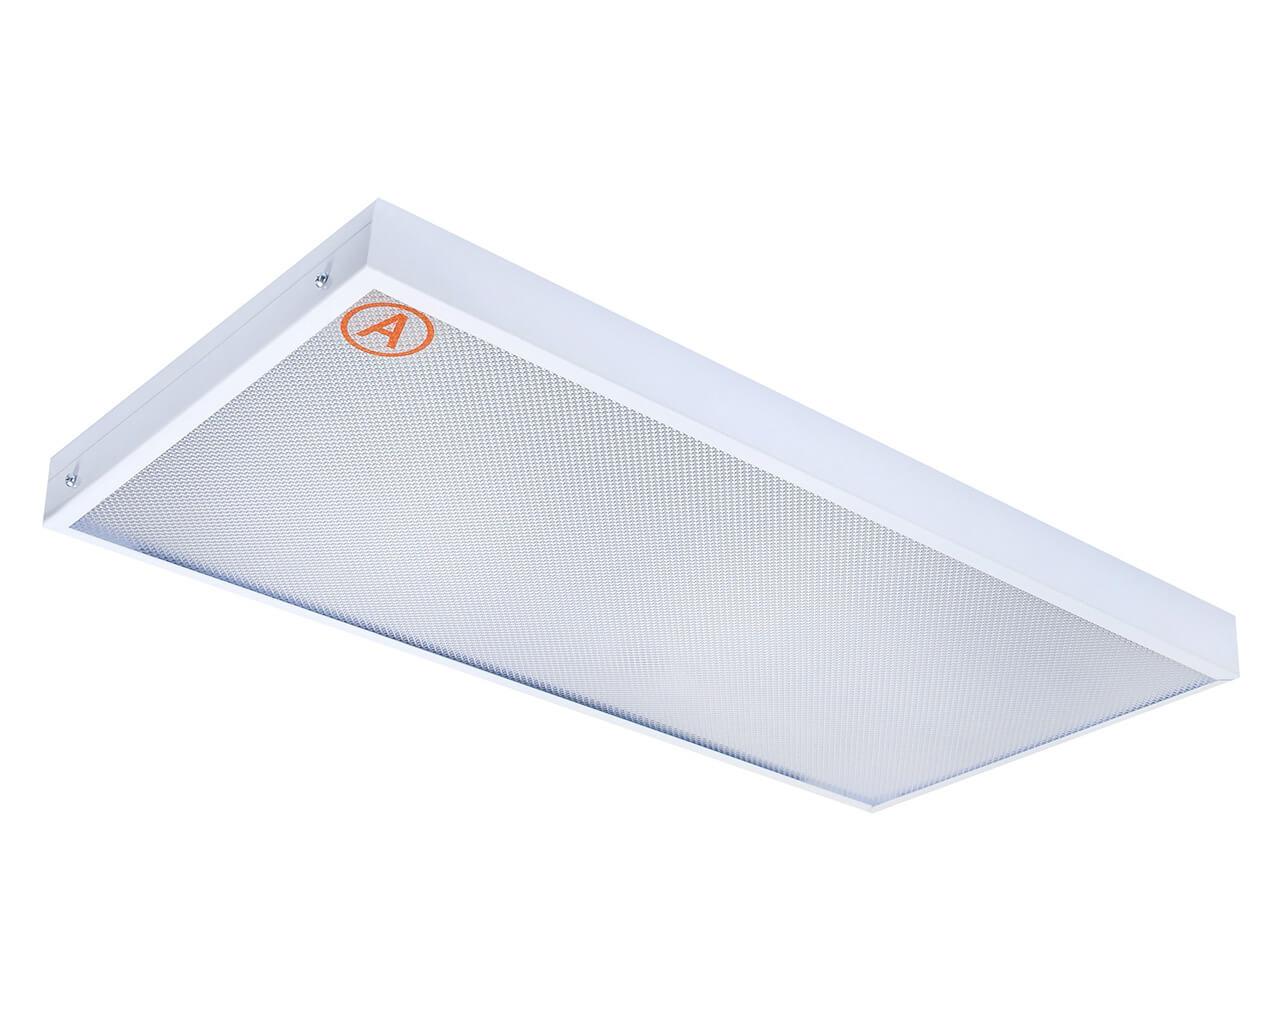 Накладной светильник LC-NSM-20K ватт 595x295x40 Теплый белый Призма с Бап